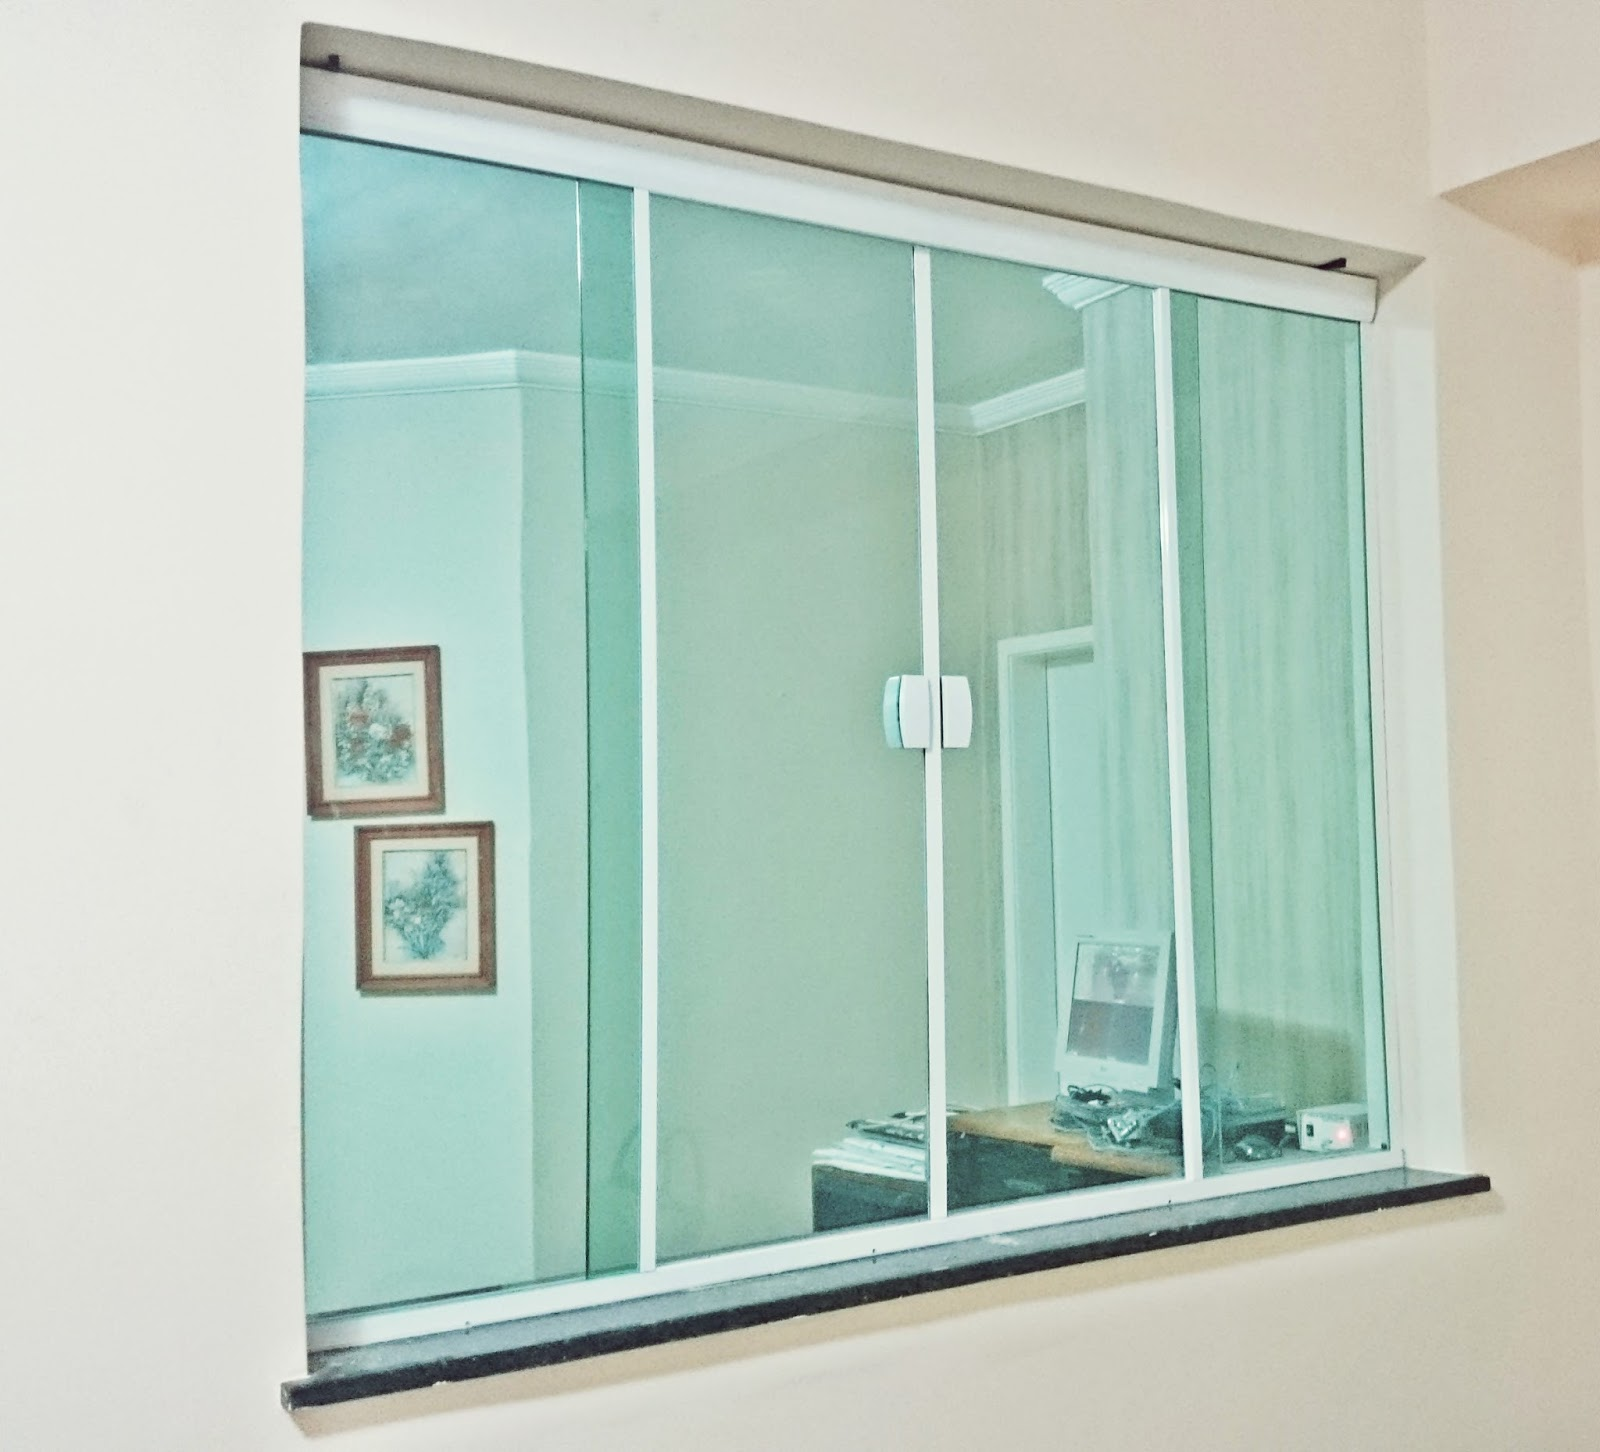 #4B806F Inova Vidros: Janela Vidro Verde Temperado M2000 266 Janelas De Vidro Quatro Folhas